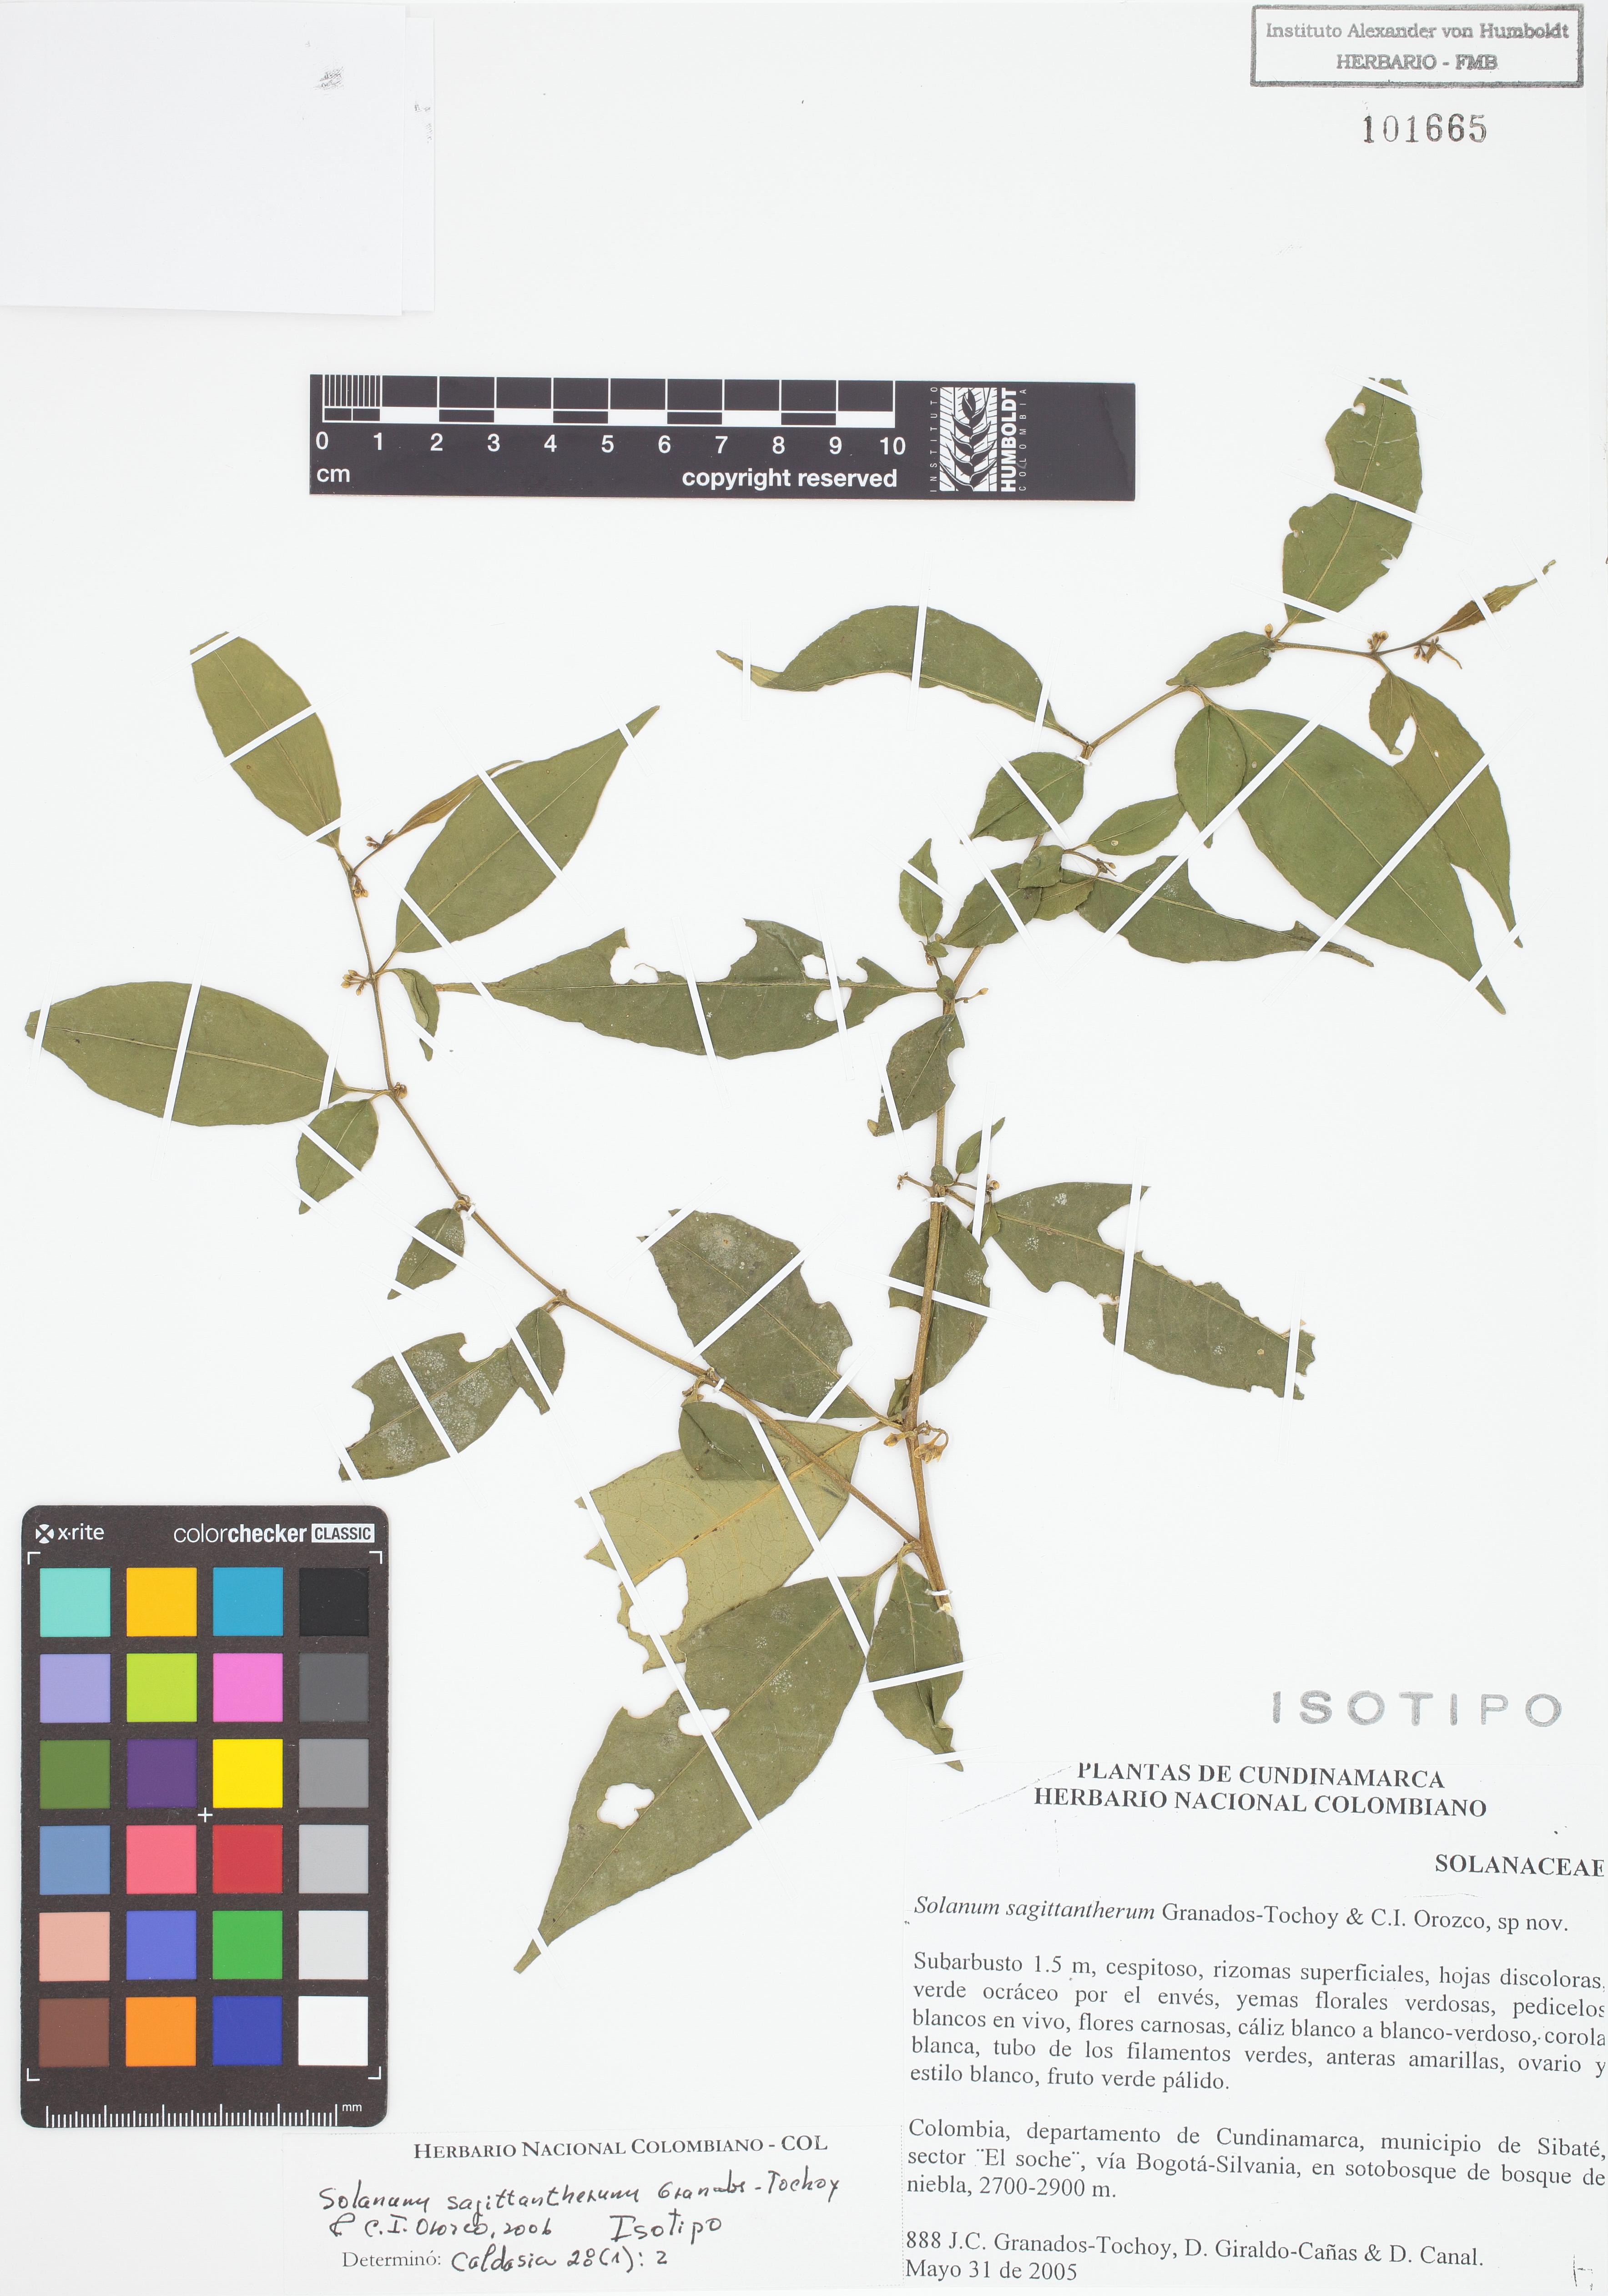 Isotipo de <em>Solanum sagittantherum</em>, FMB-101665, Fotografía por Robles A.